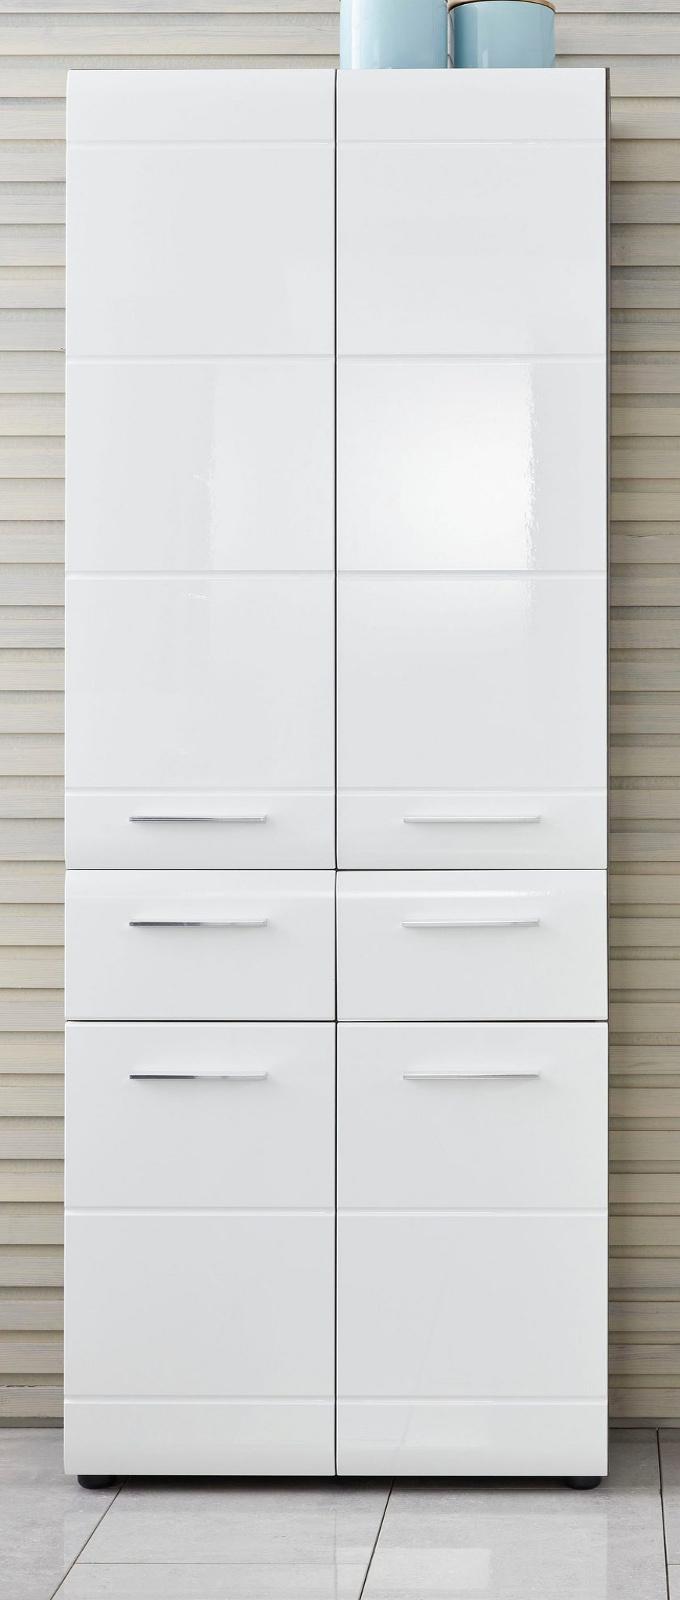 Badezimmer Hochschrank Line in Hochglanz weiß und Sardegna grau Rauchsilber  20 x 20 cm